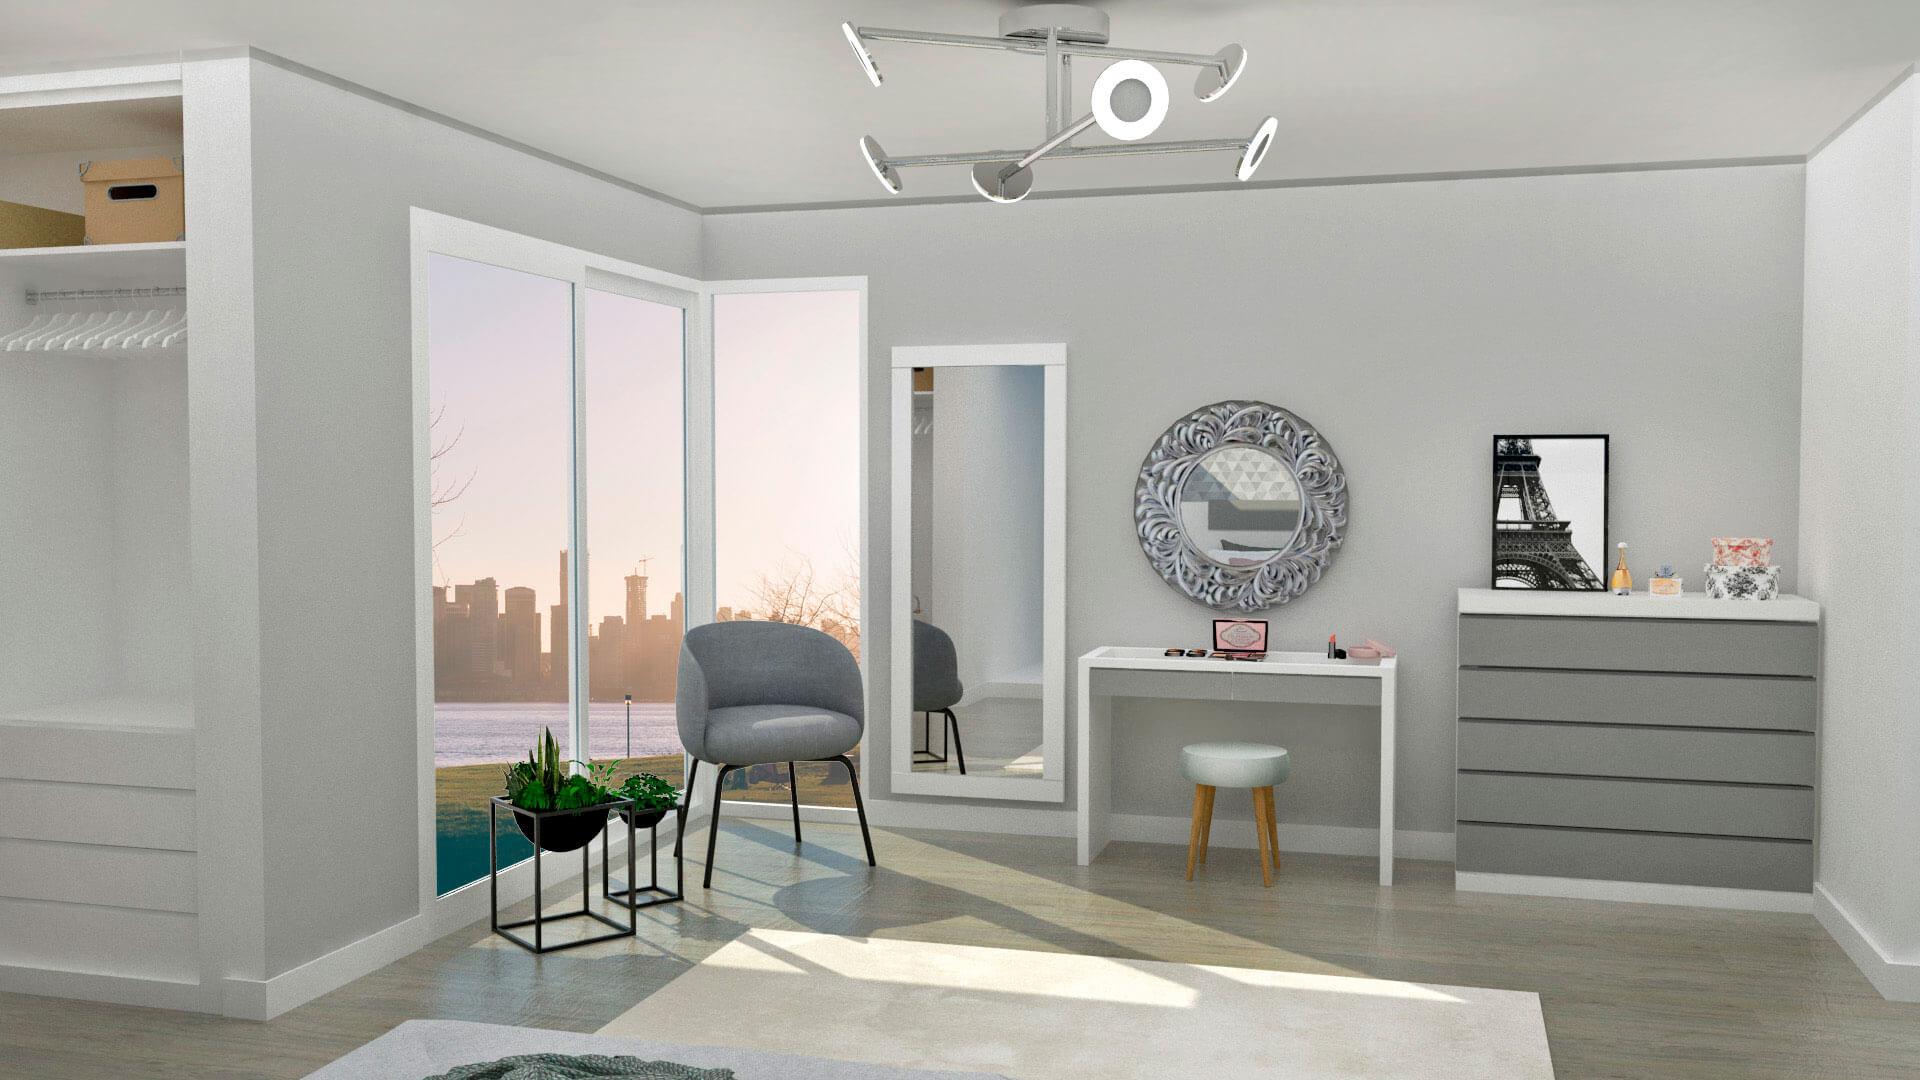 Diseño Dormitorio Muebles Tante 5